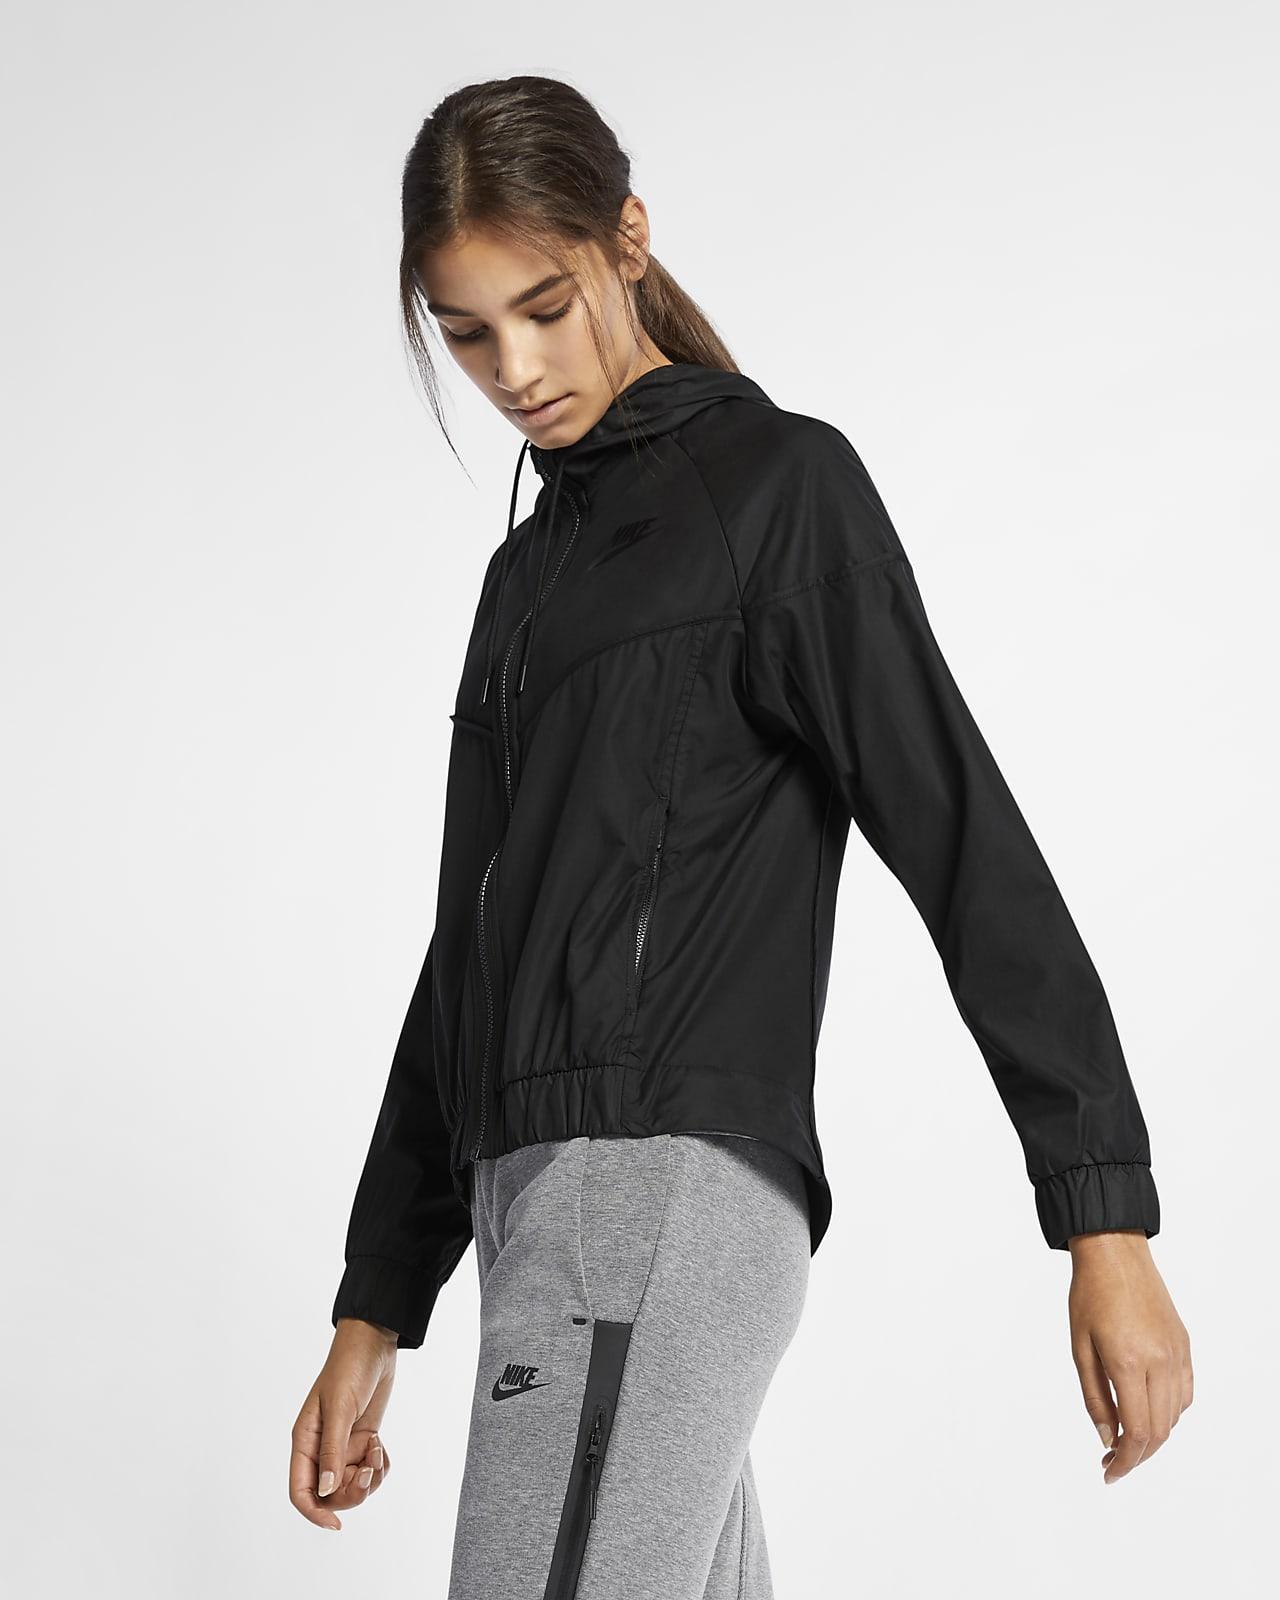 Nike Sportswear Windrunner Women's